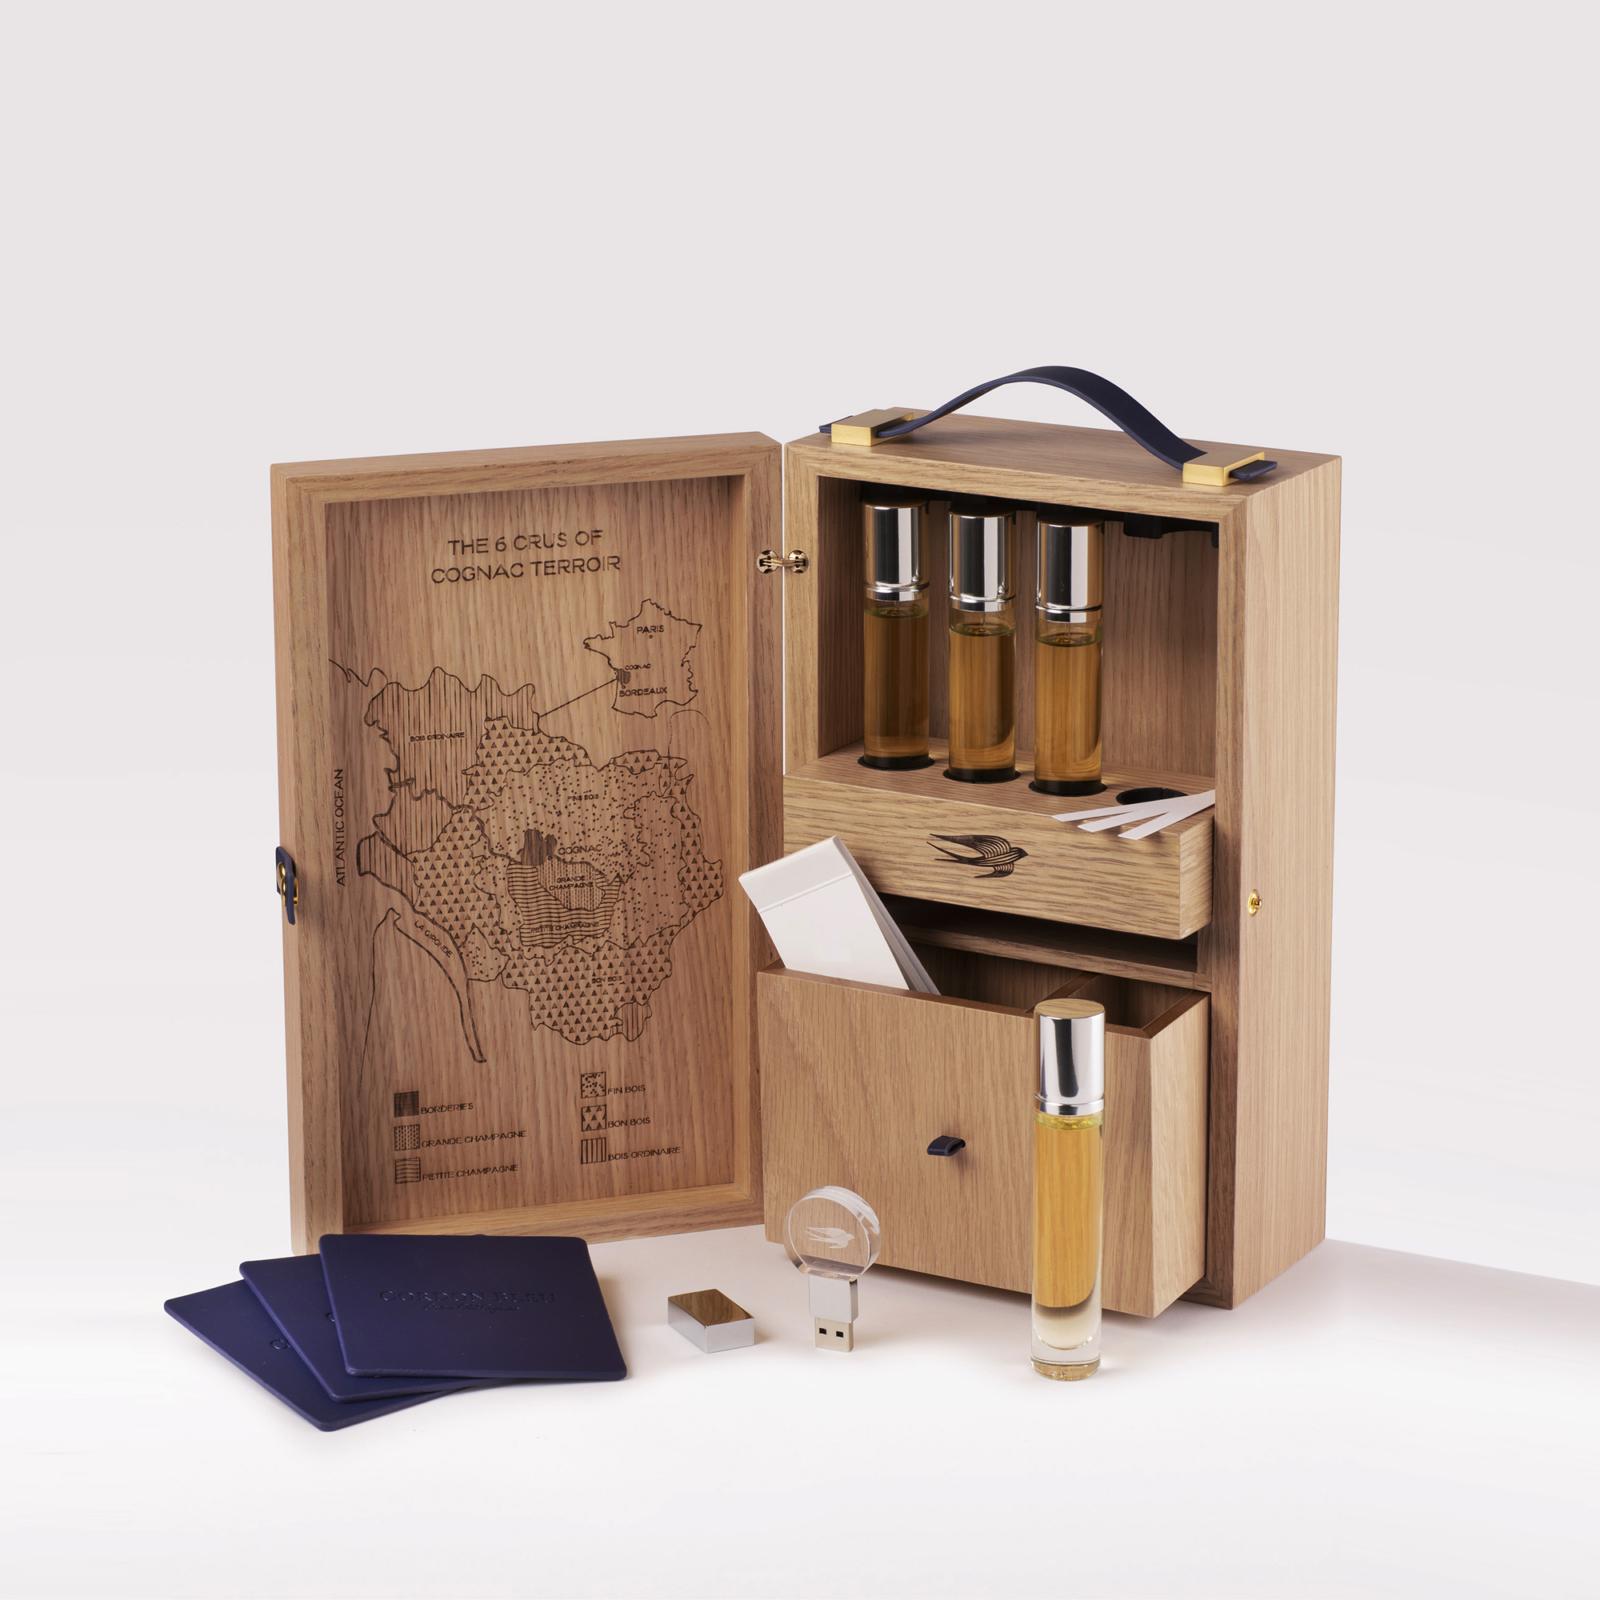 Martell Cordon Bleu Toolkit - Un design pensé par l'agence de design de Paris Partisan du Sens.